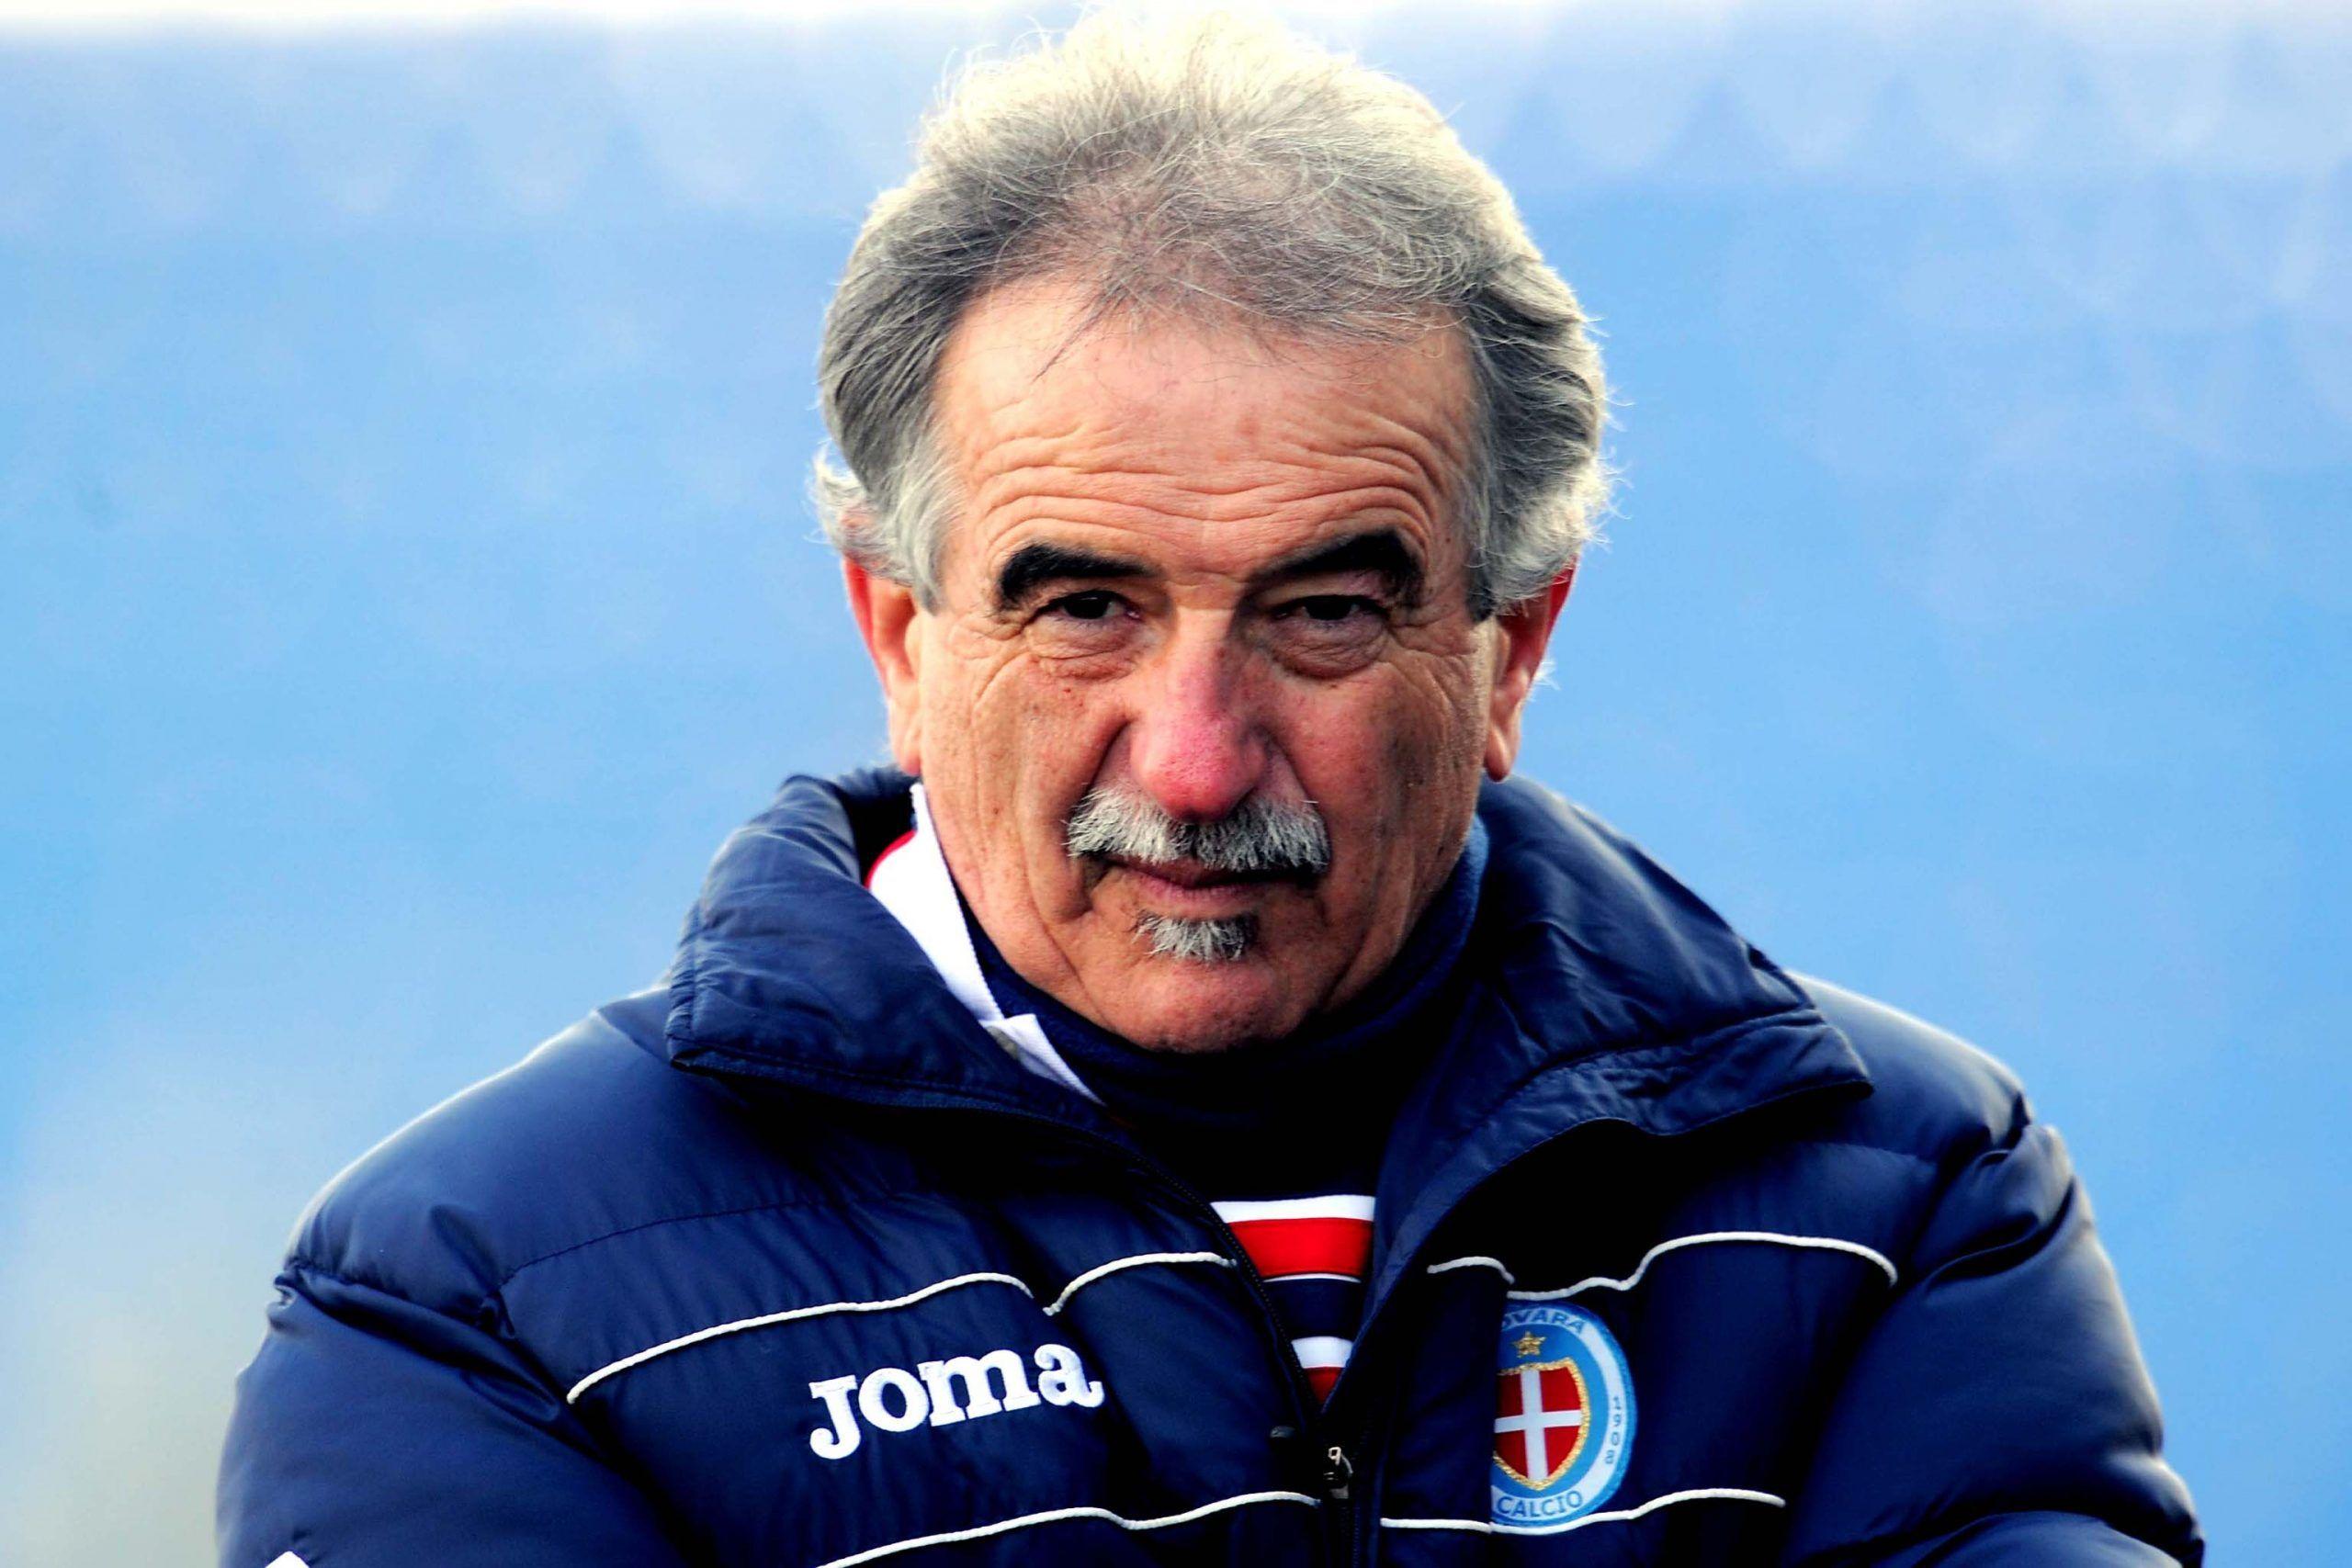 Morto Emiliano Mondonico, addio al tecnico che fece grandi Cremonese, Atalanta, Torino e Fiorentina